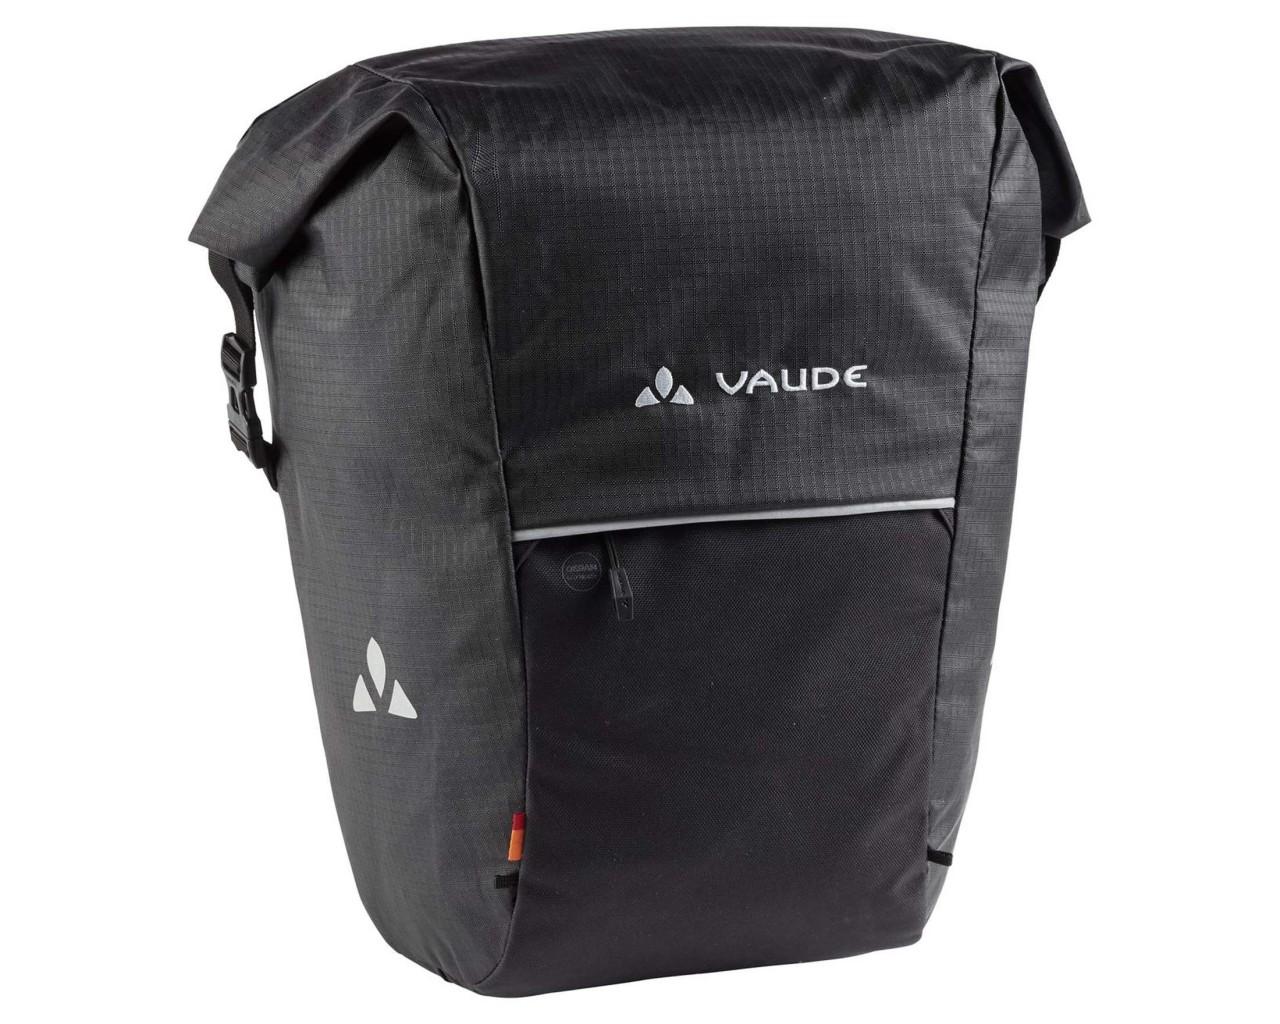 Vaude Road Master Roll-It Waxed 18+4 Liter Fahrradtasche (Einzeltasche)   black